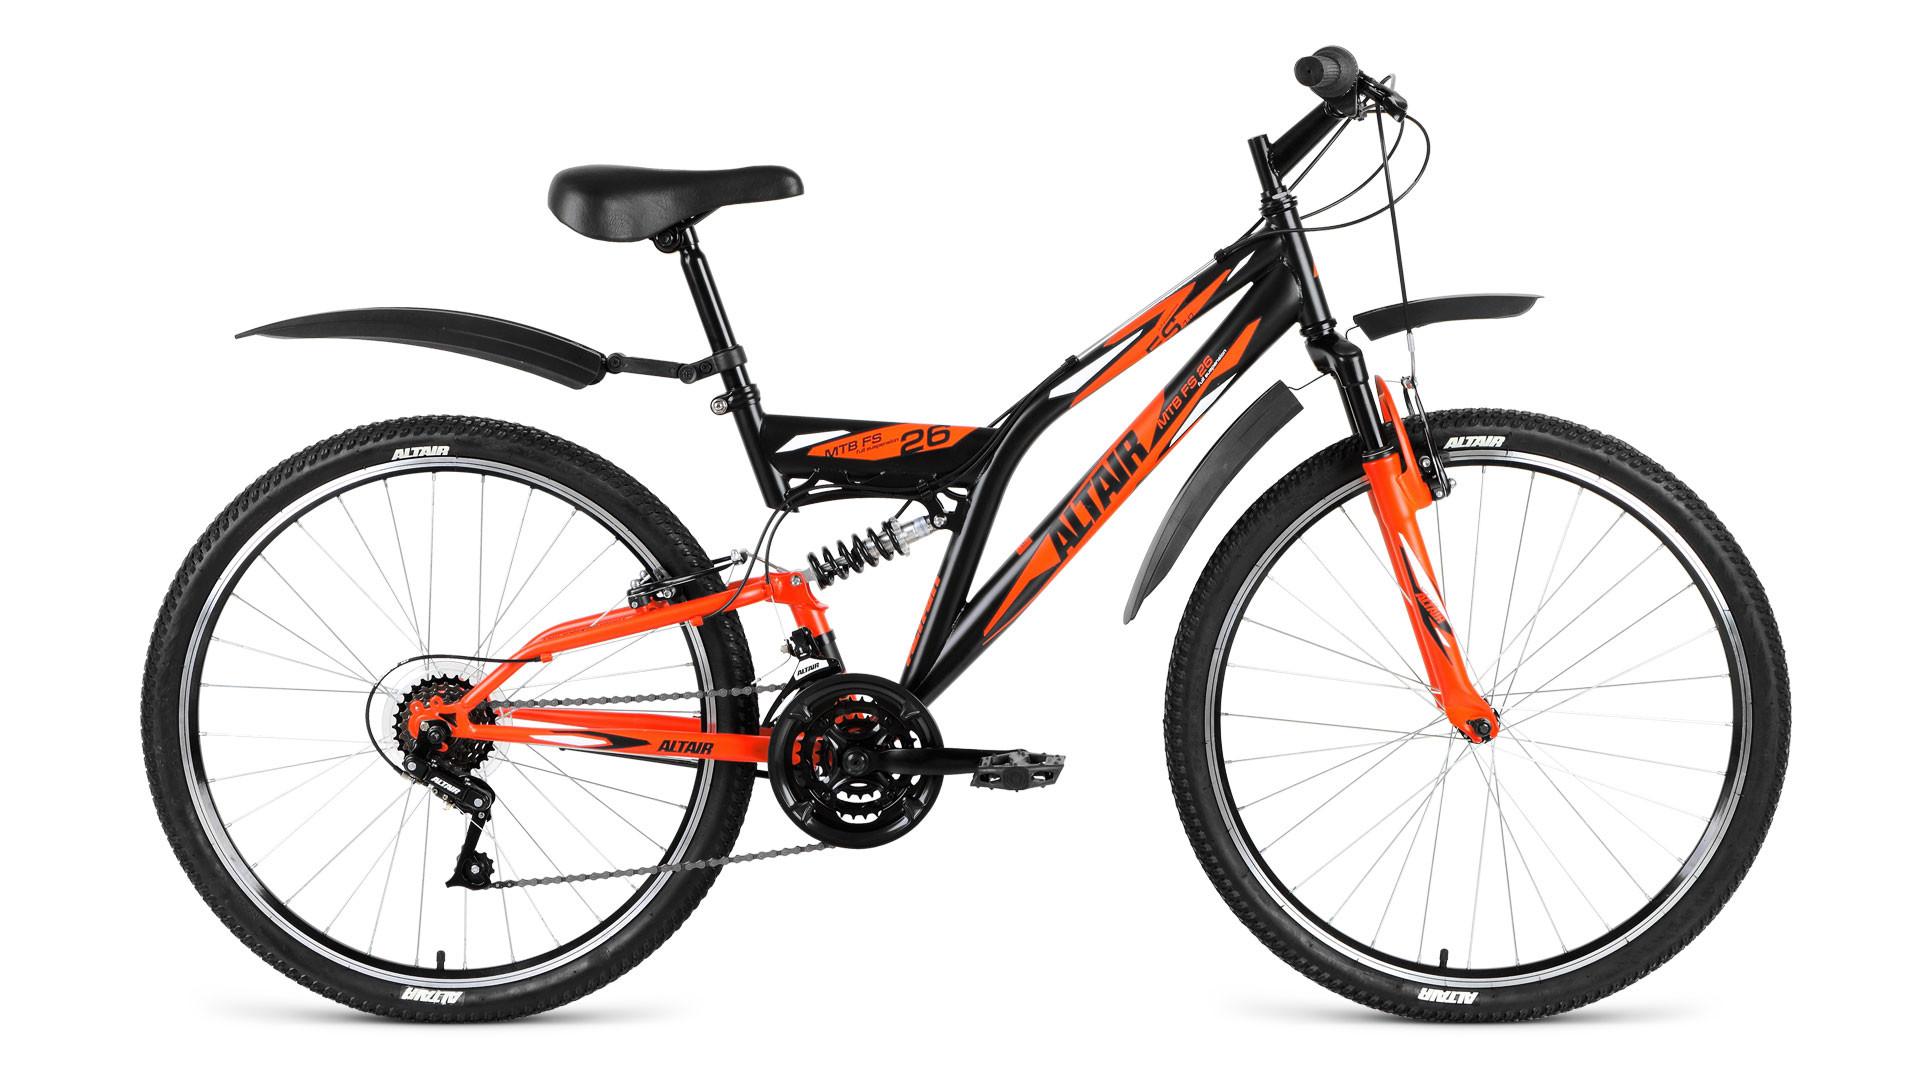 """Двухподвесный велосипед Altair MTB FS 1.0 2018 рама 16"""" черный/оранжевый матовый"""